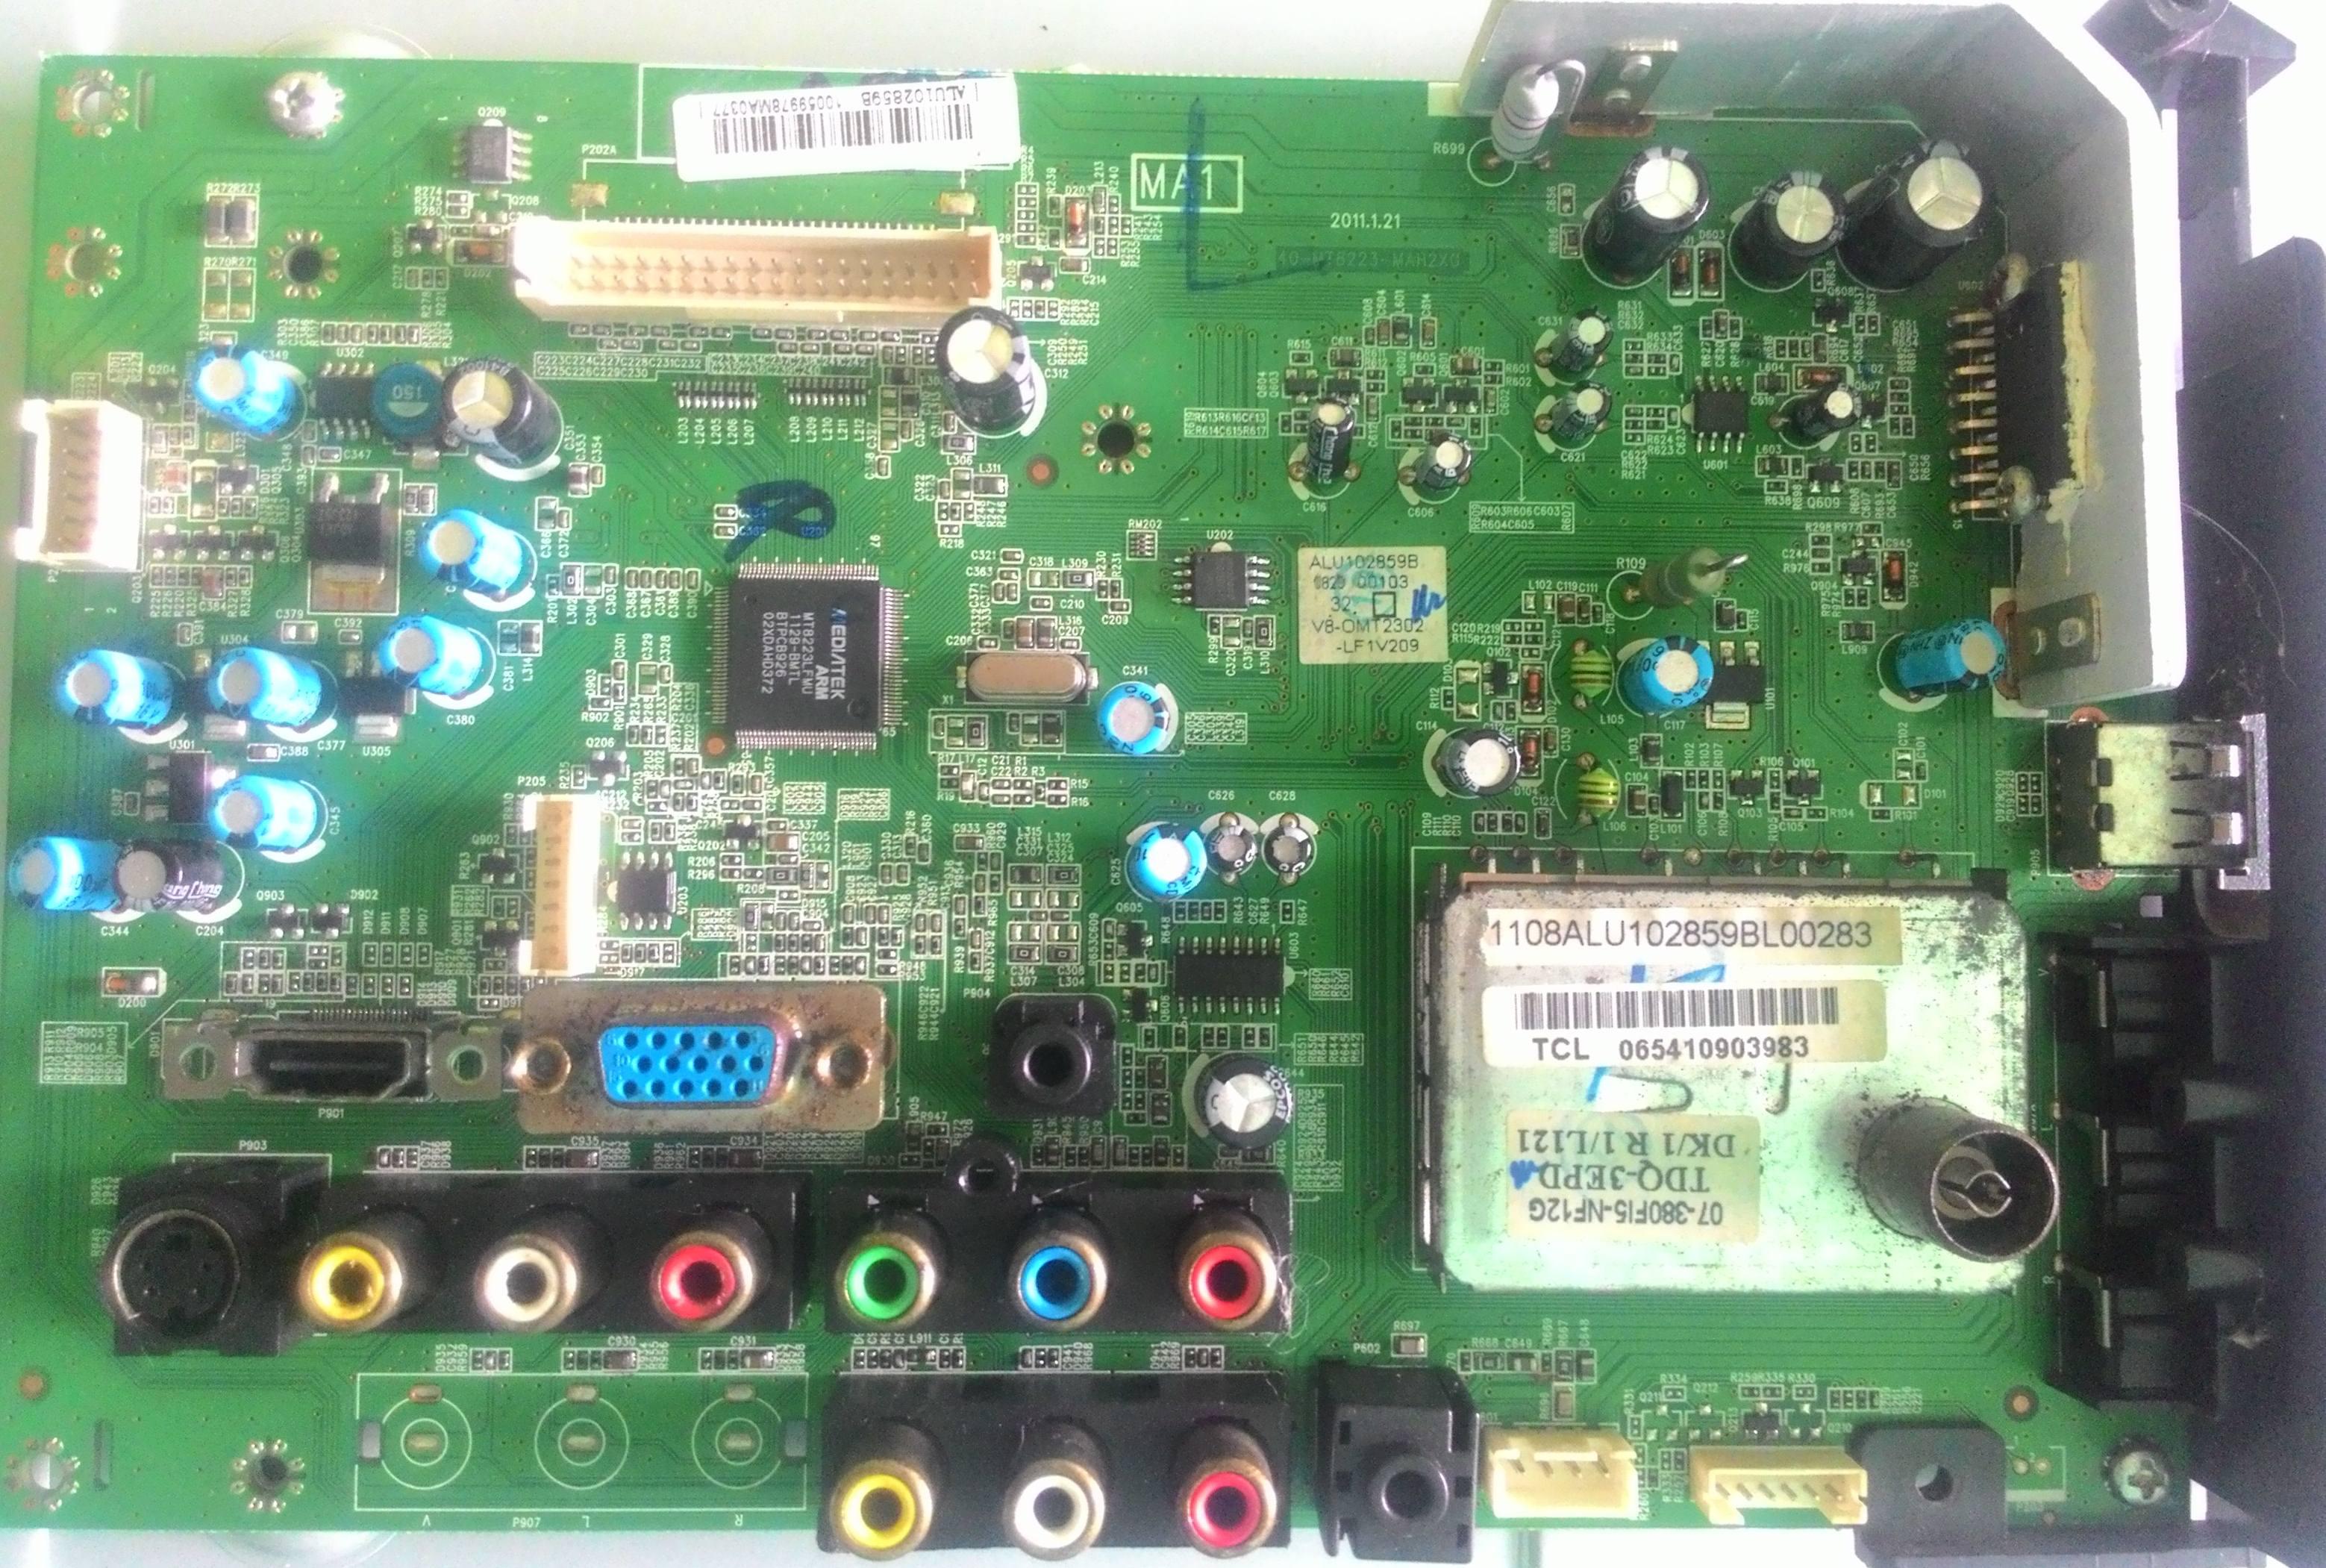 เมนบอร์ด TCL L32E11